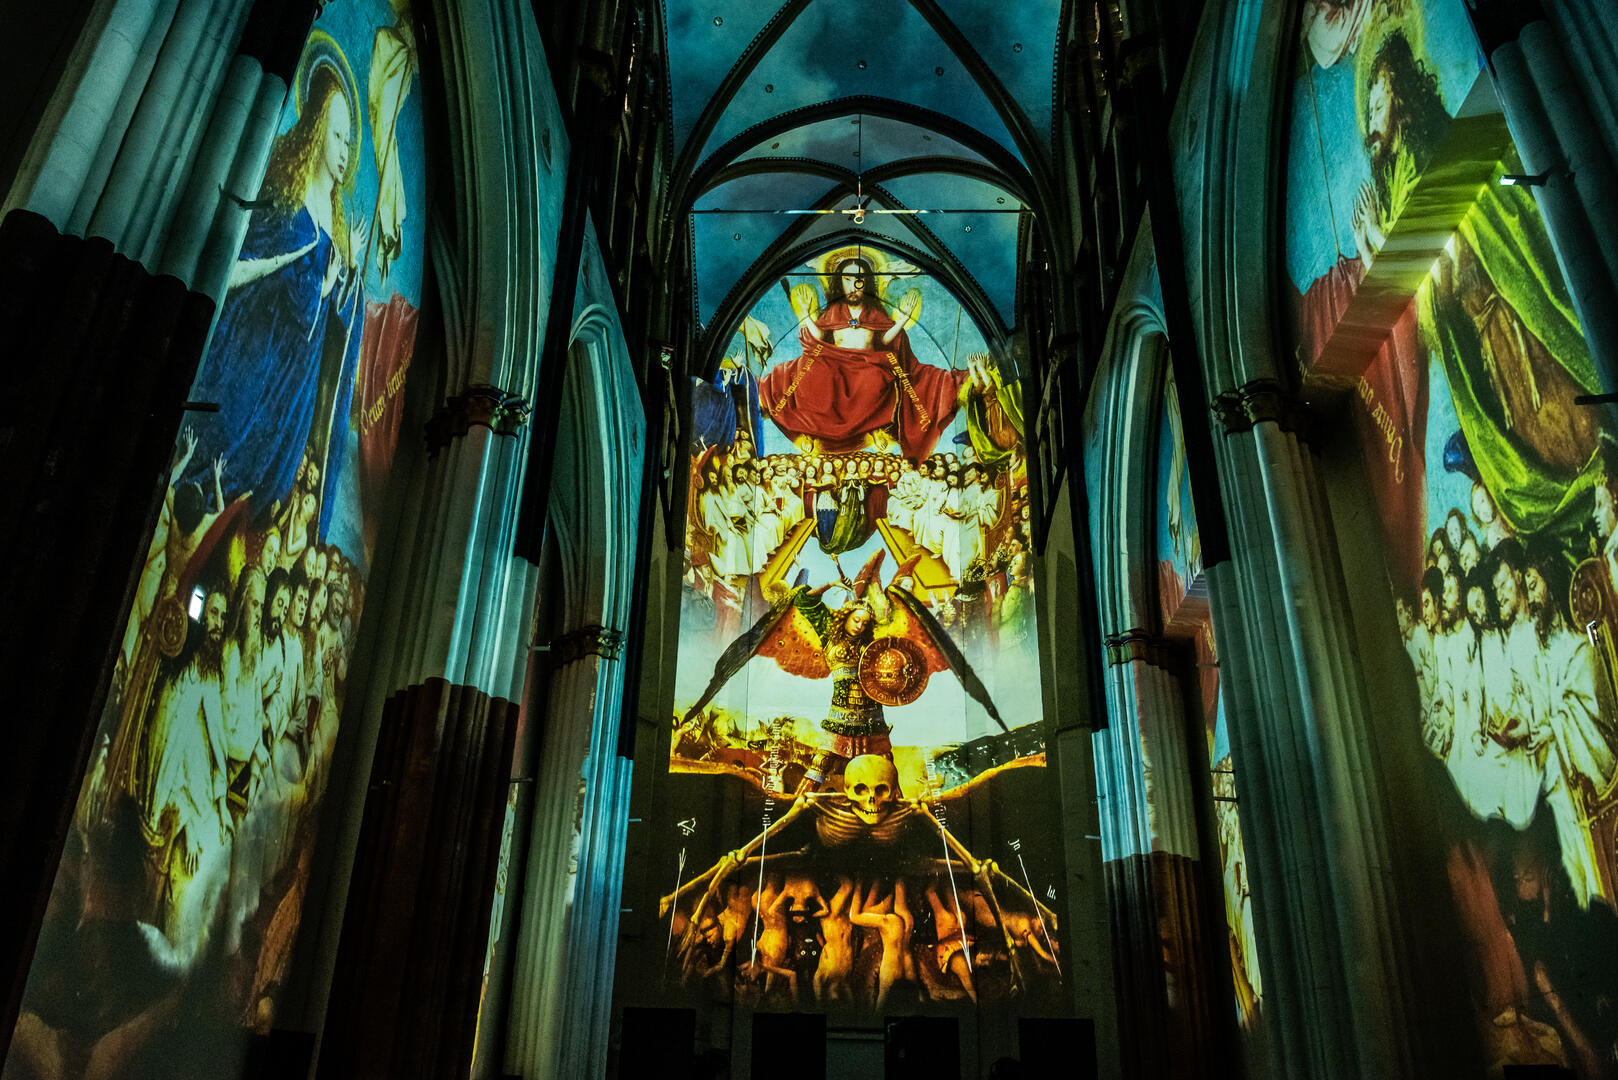 arte-septiembre-Highlights-Van-Eyck-exposicio-magazinehorse